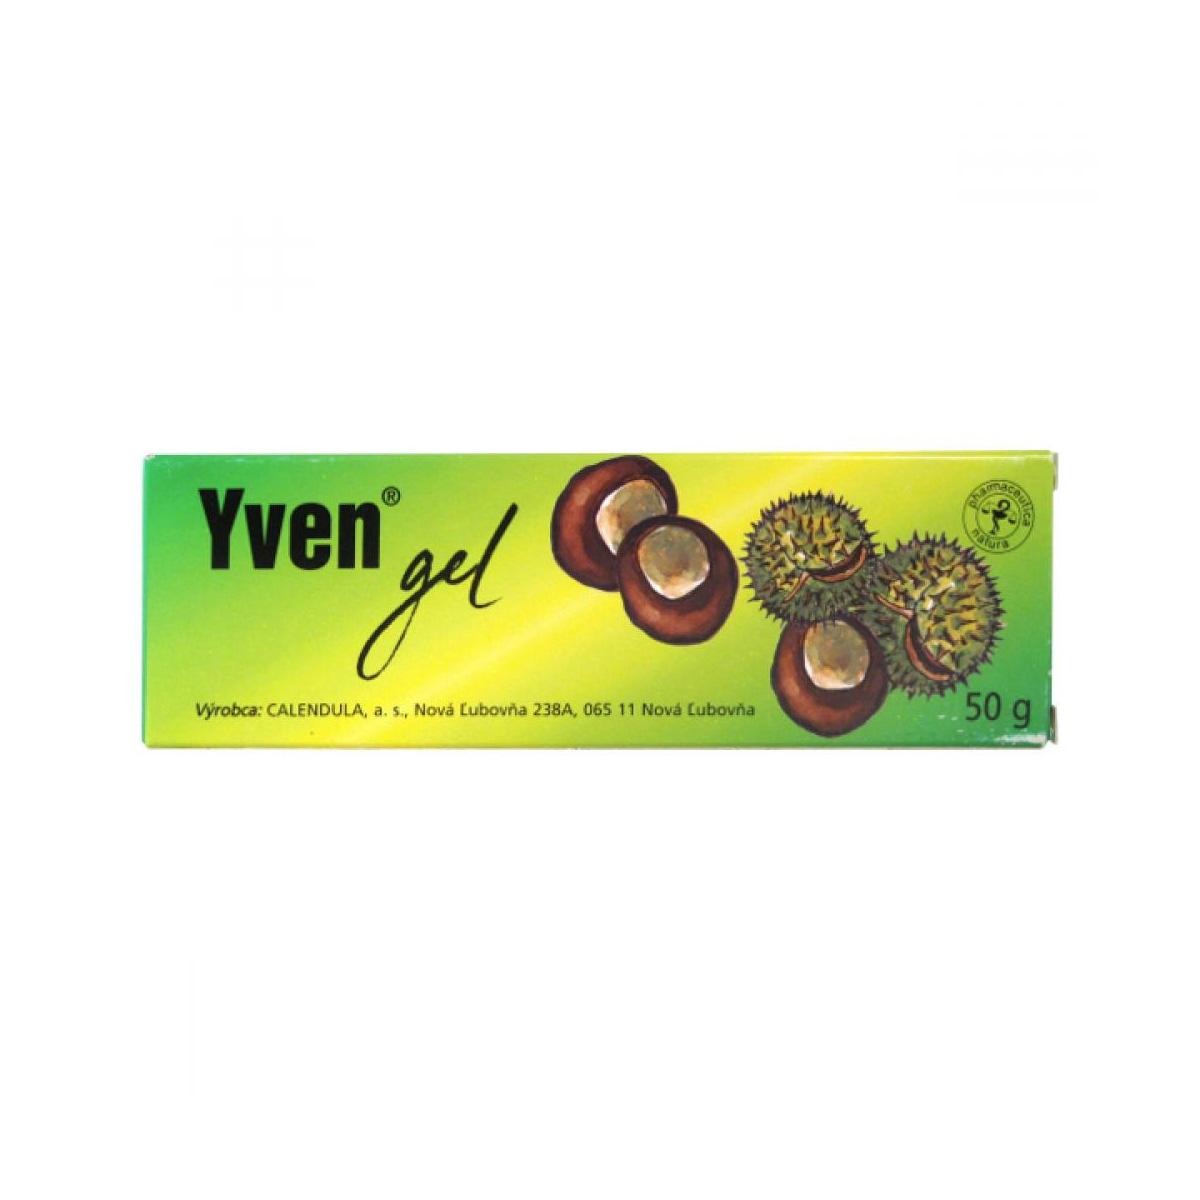 Fytopharma Yven® gel hojivý gel 50 g